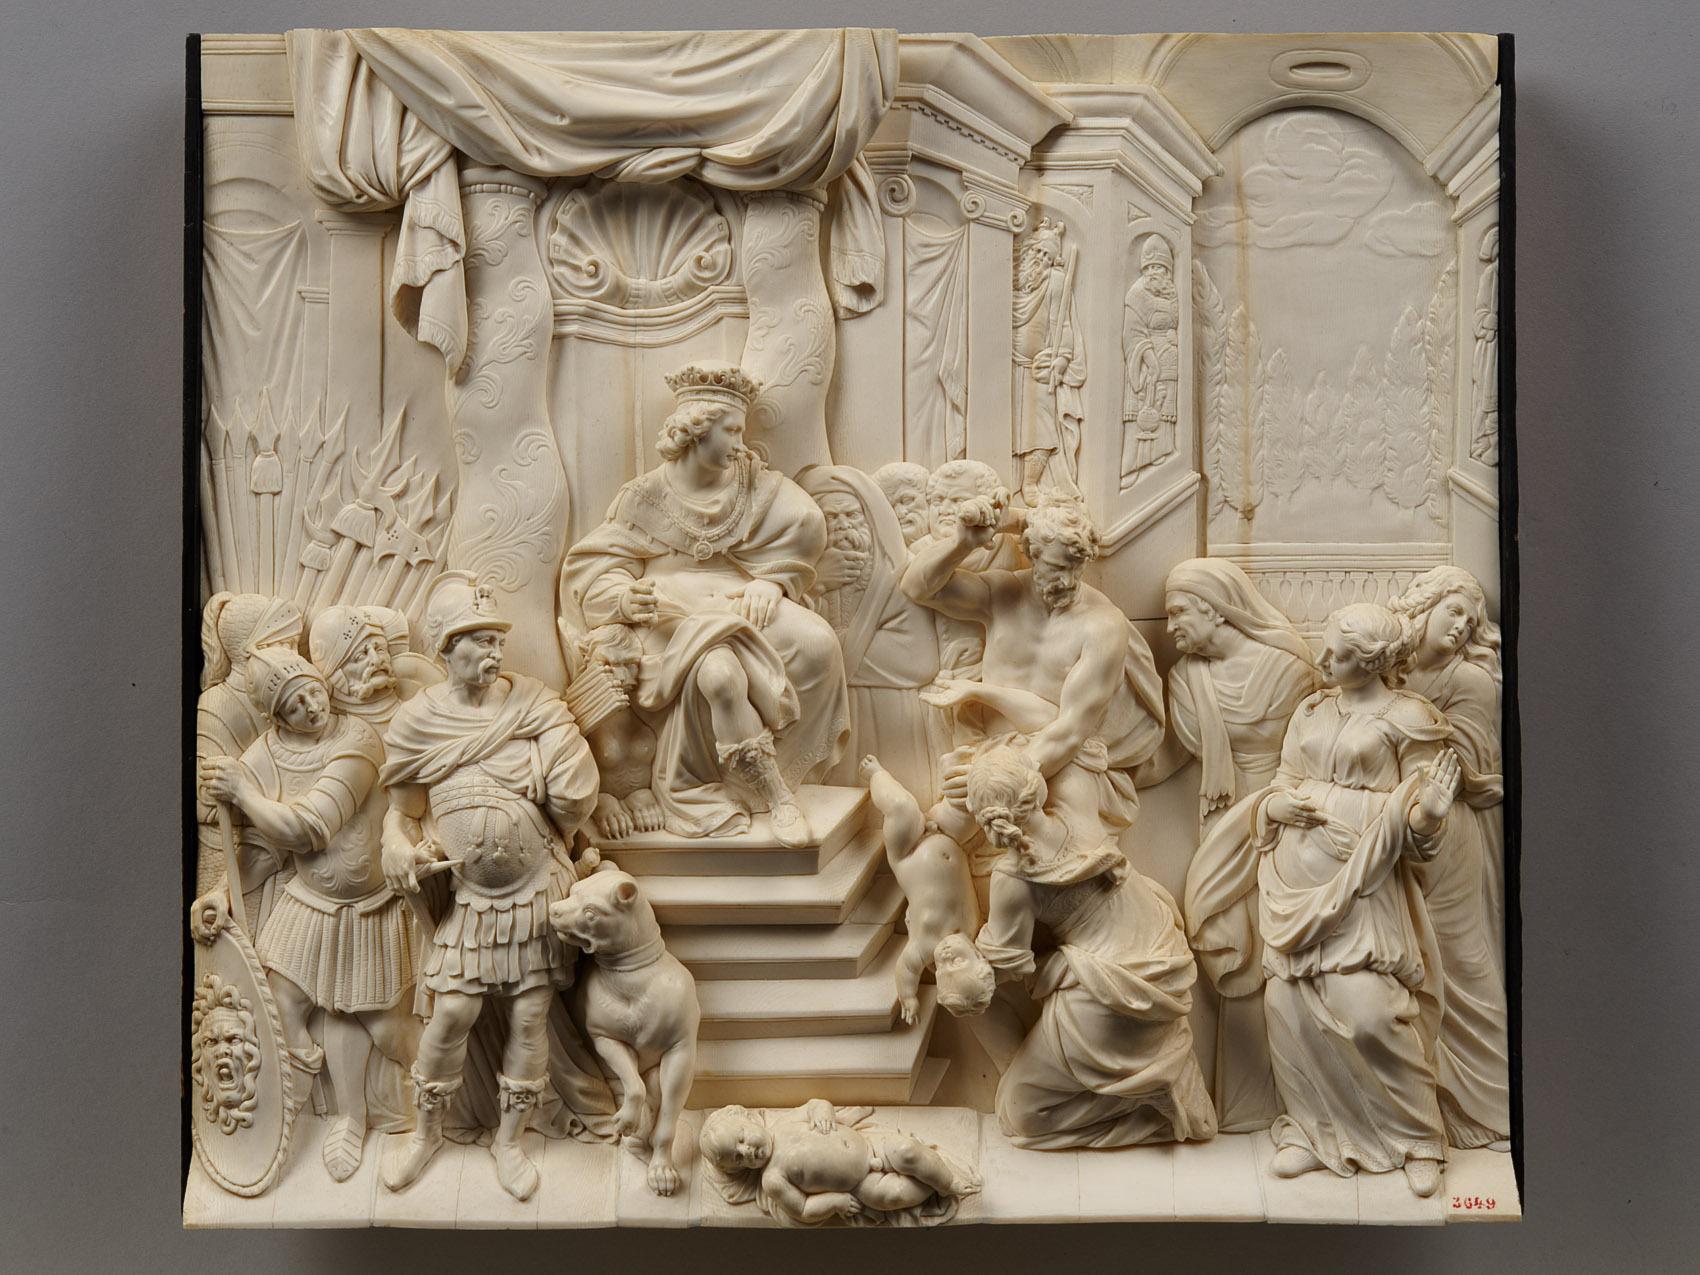 Das Urteil des Salomon von Artus Quellinus d. Ä.